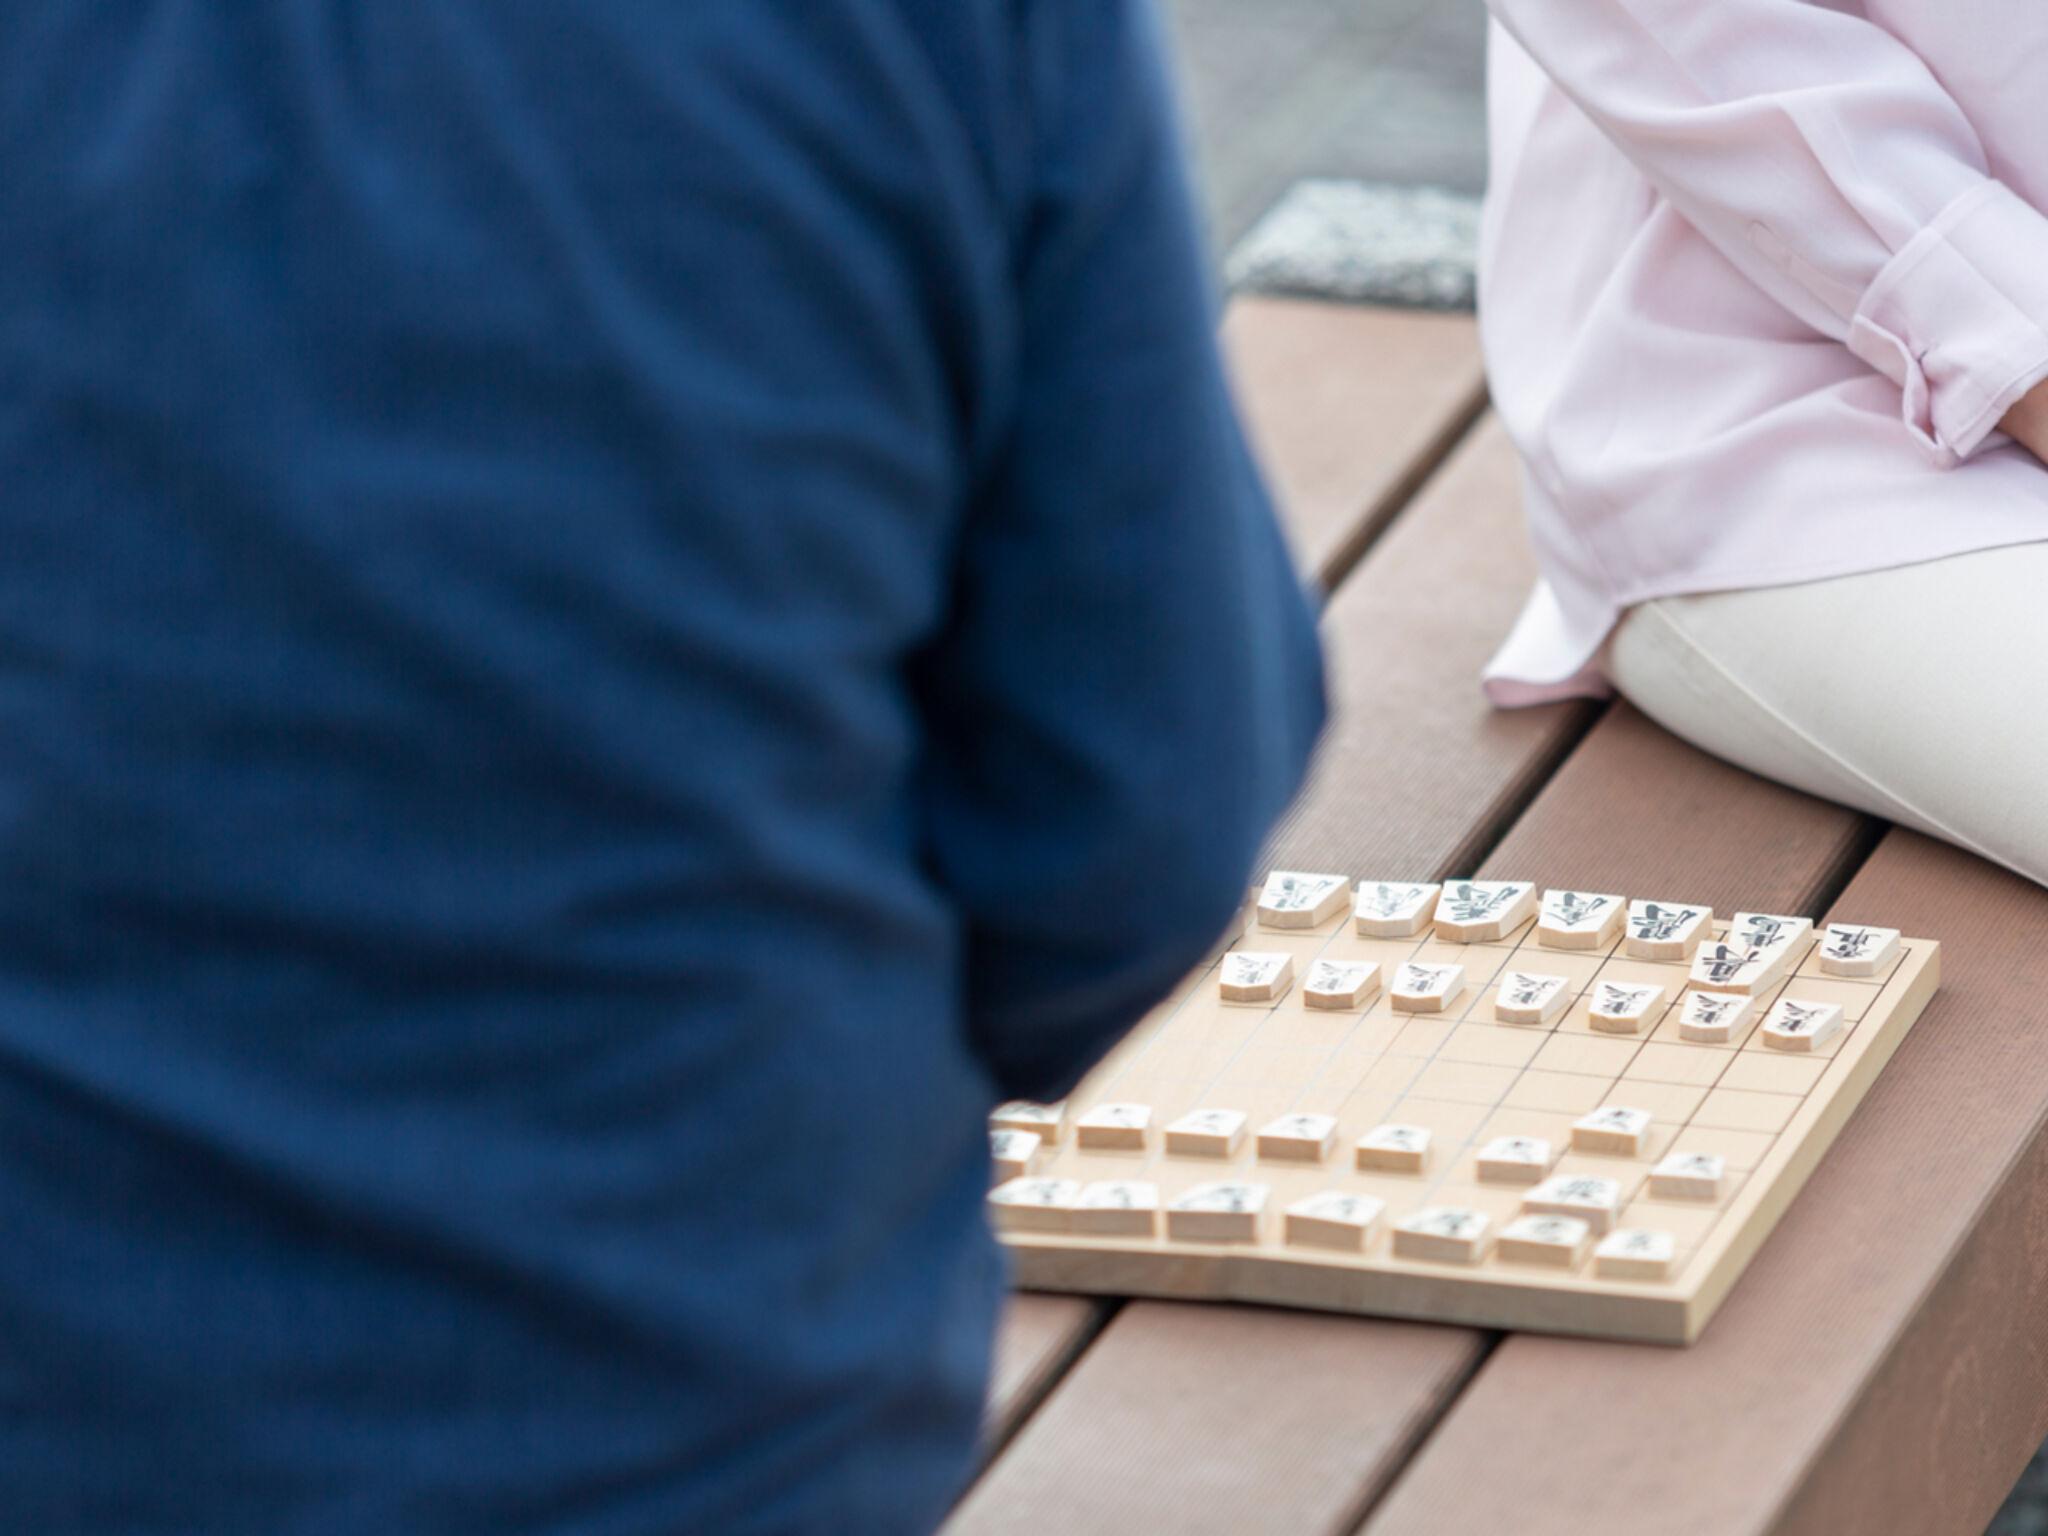 大人2人がベンチに座って将棋をさしている画像